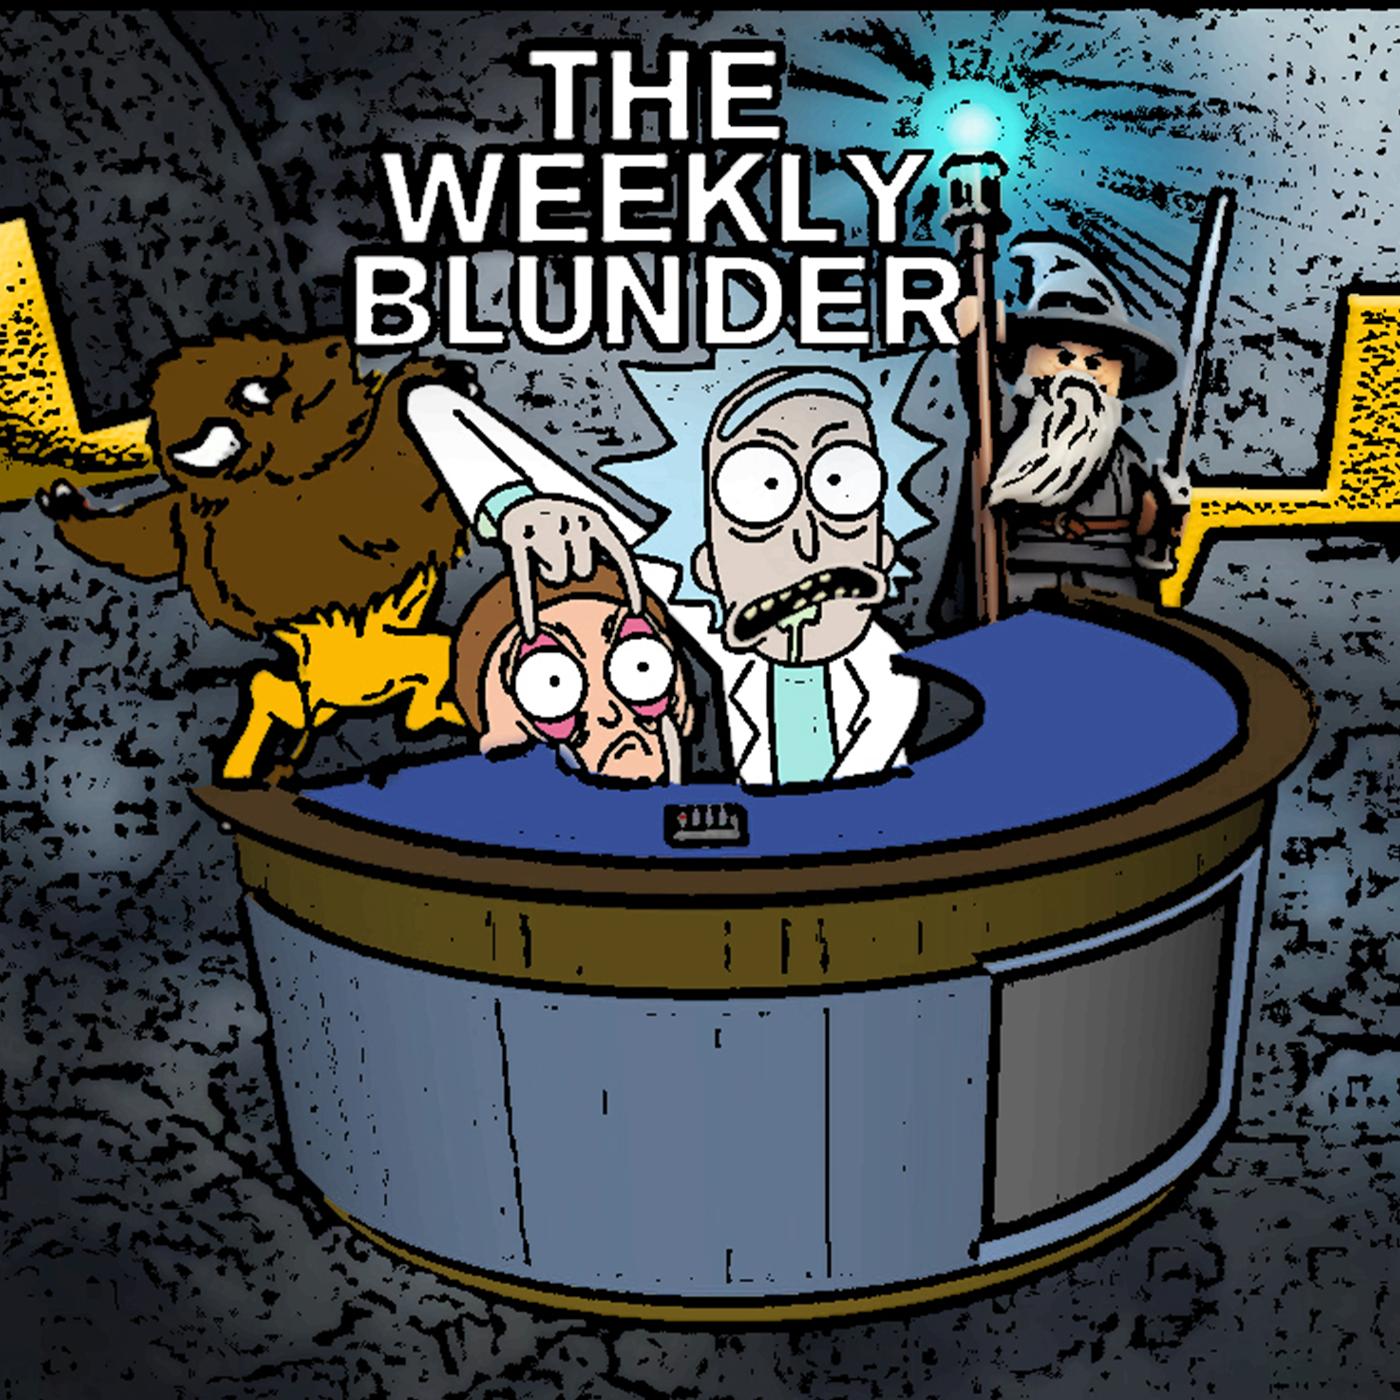 Weekly Blunder